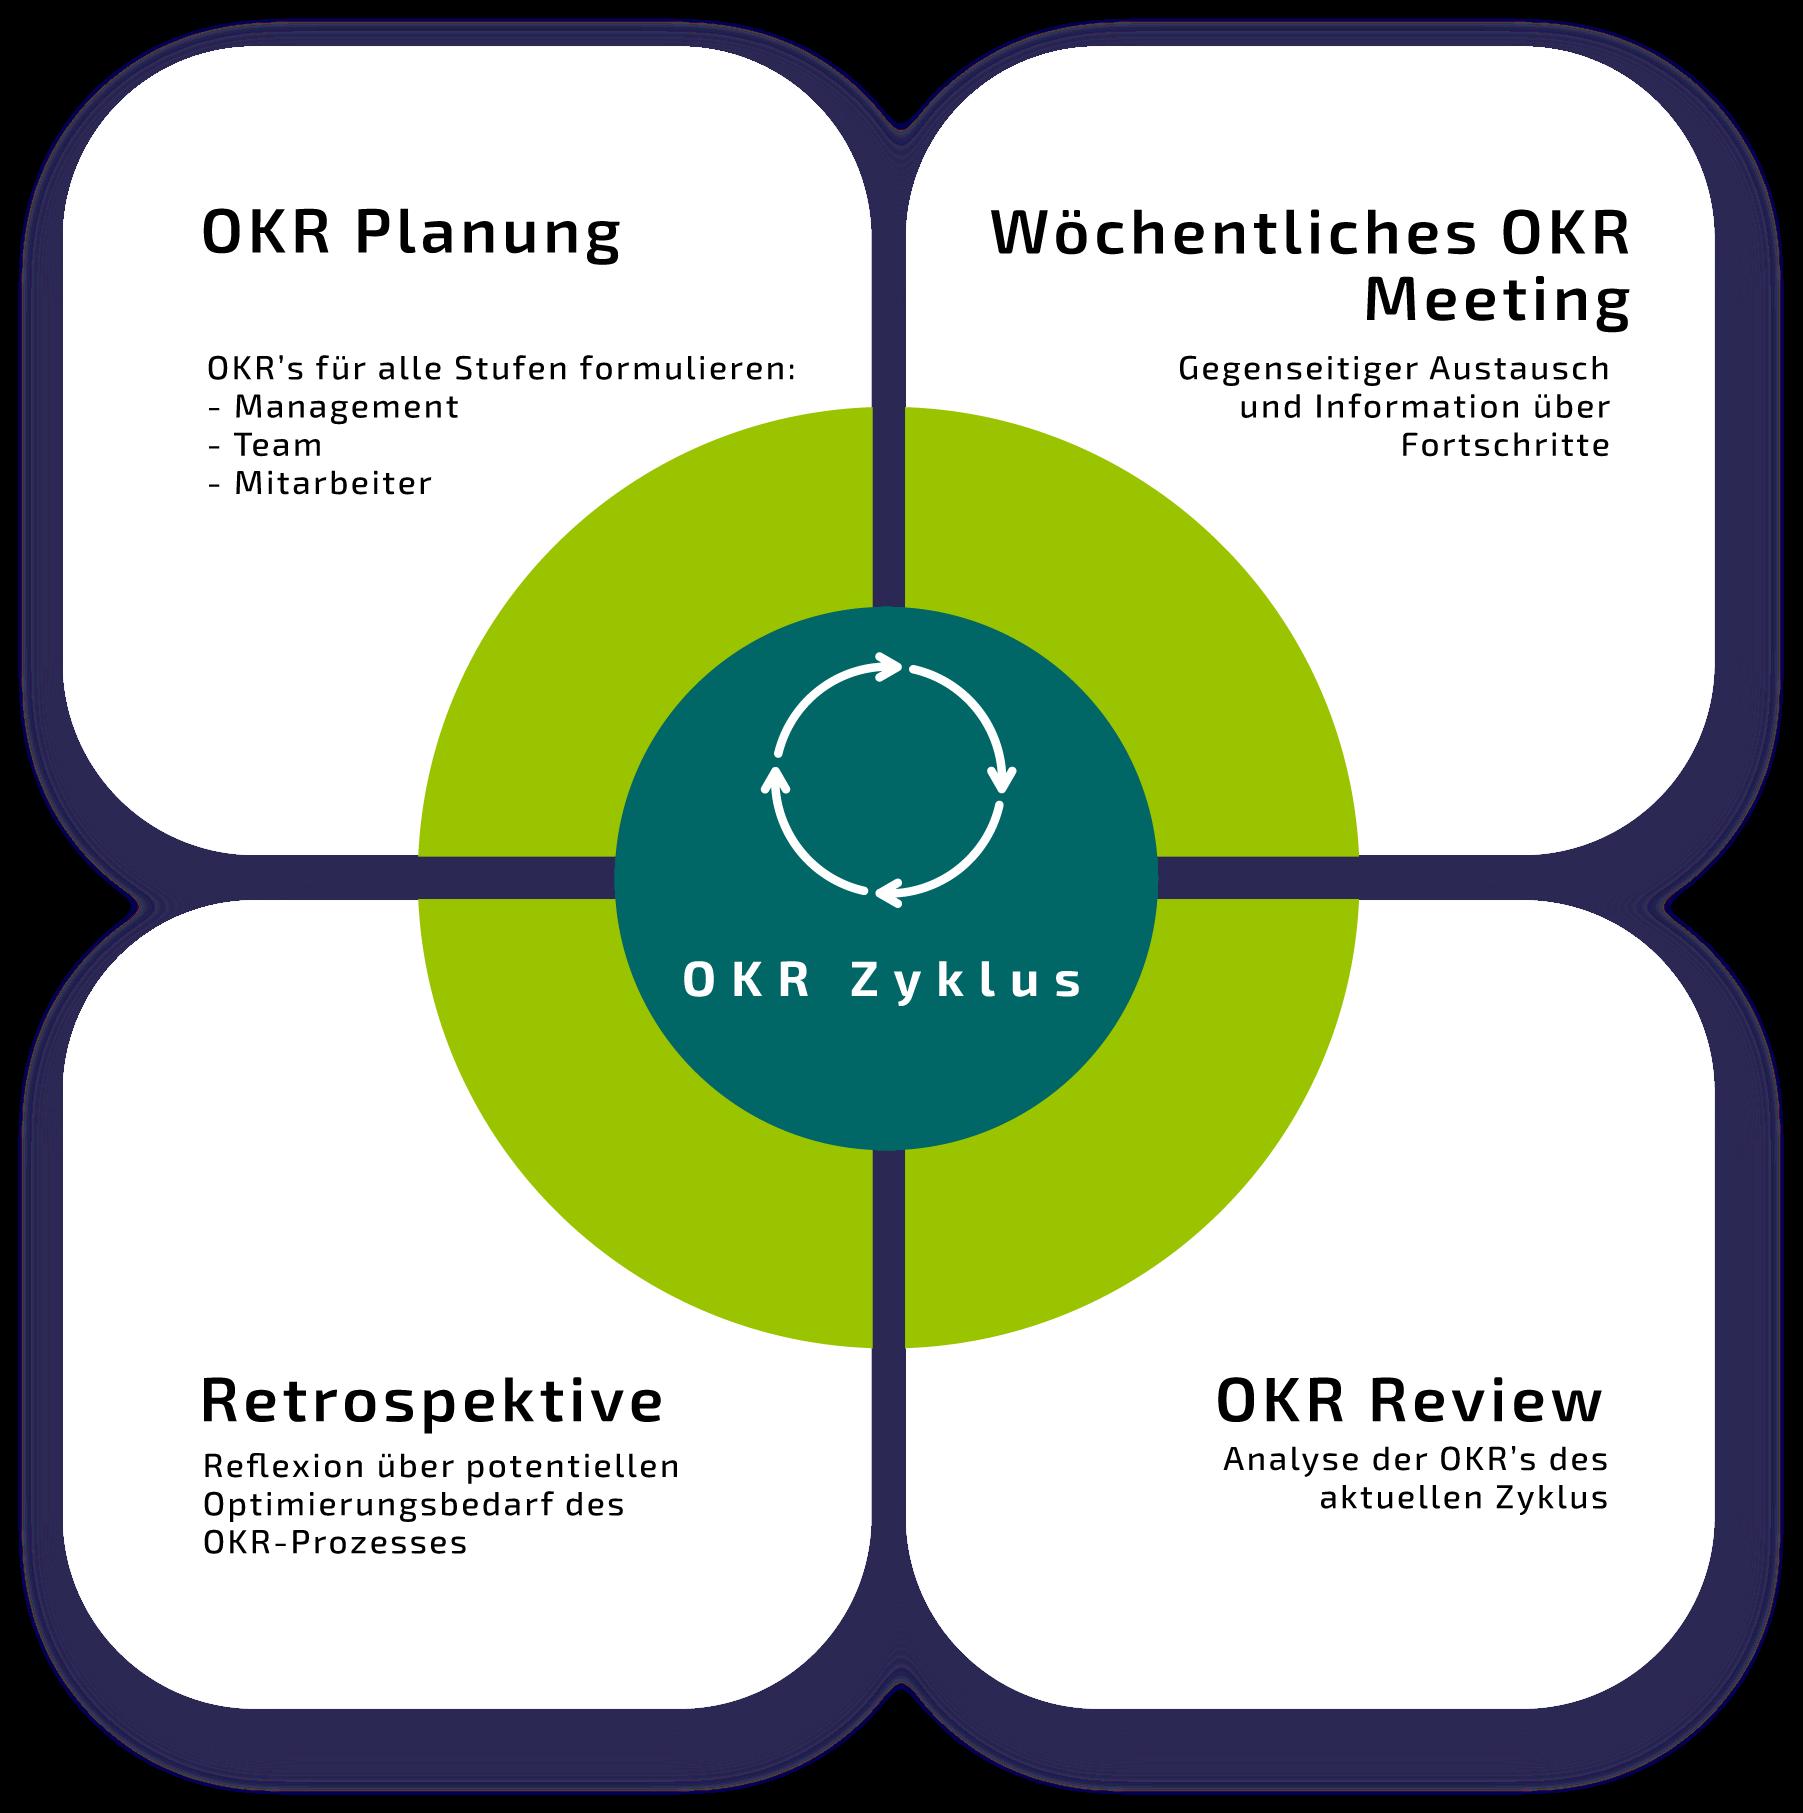 Erklärung des OKR-Zyklus im Zusammenhang mit dem Thema Was ist OKR